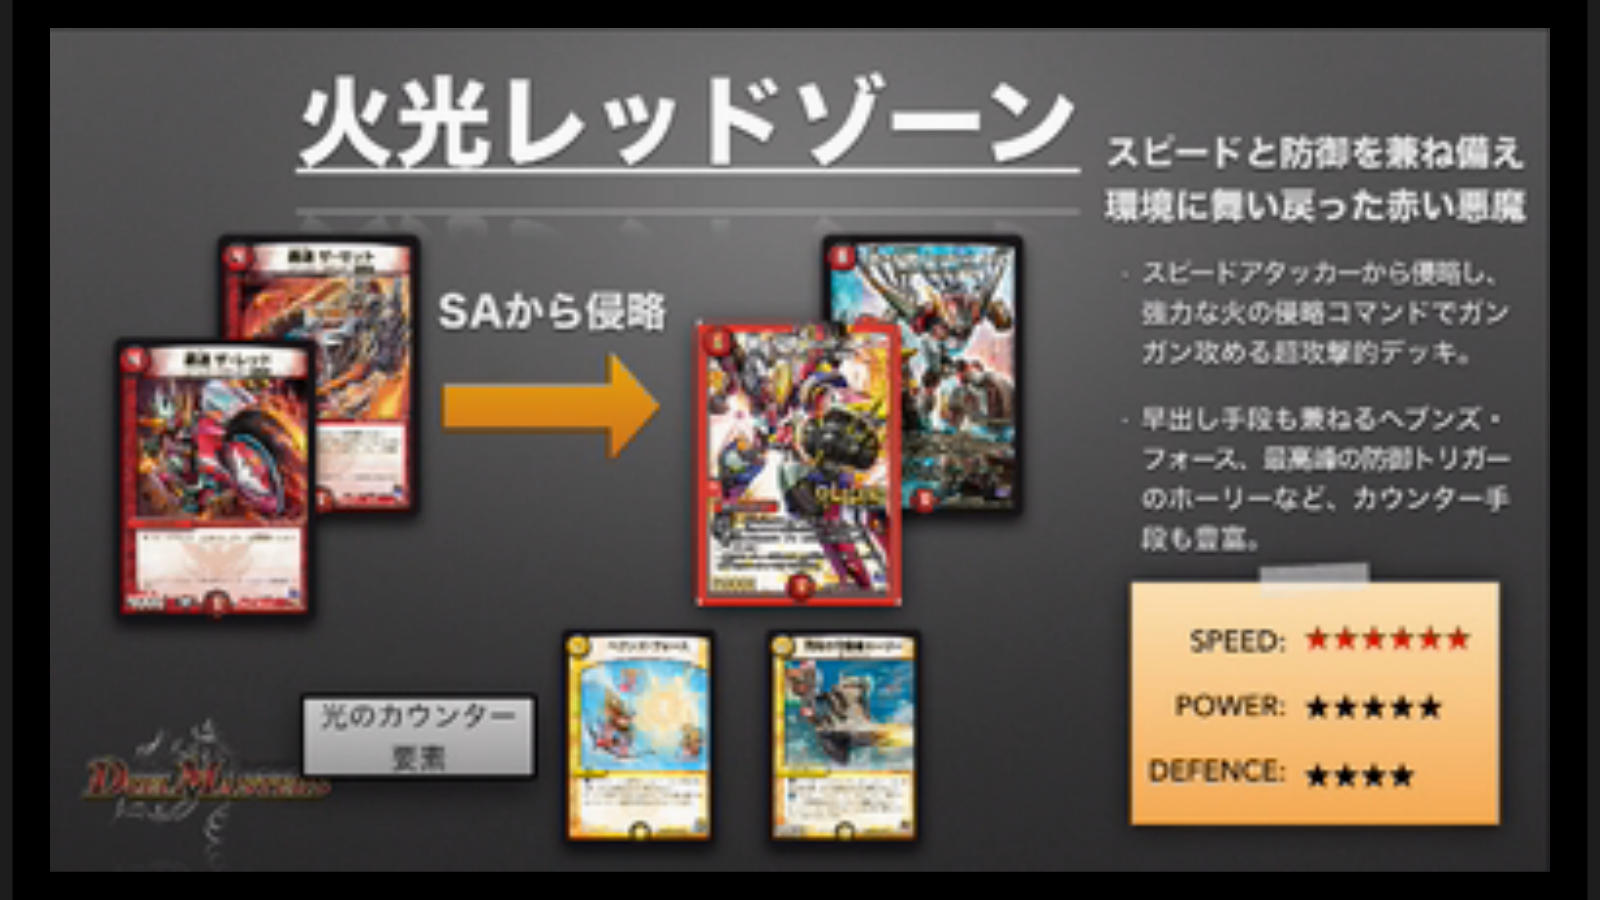 dm-kakumei-finalcup-news-170226-010.jpg